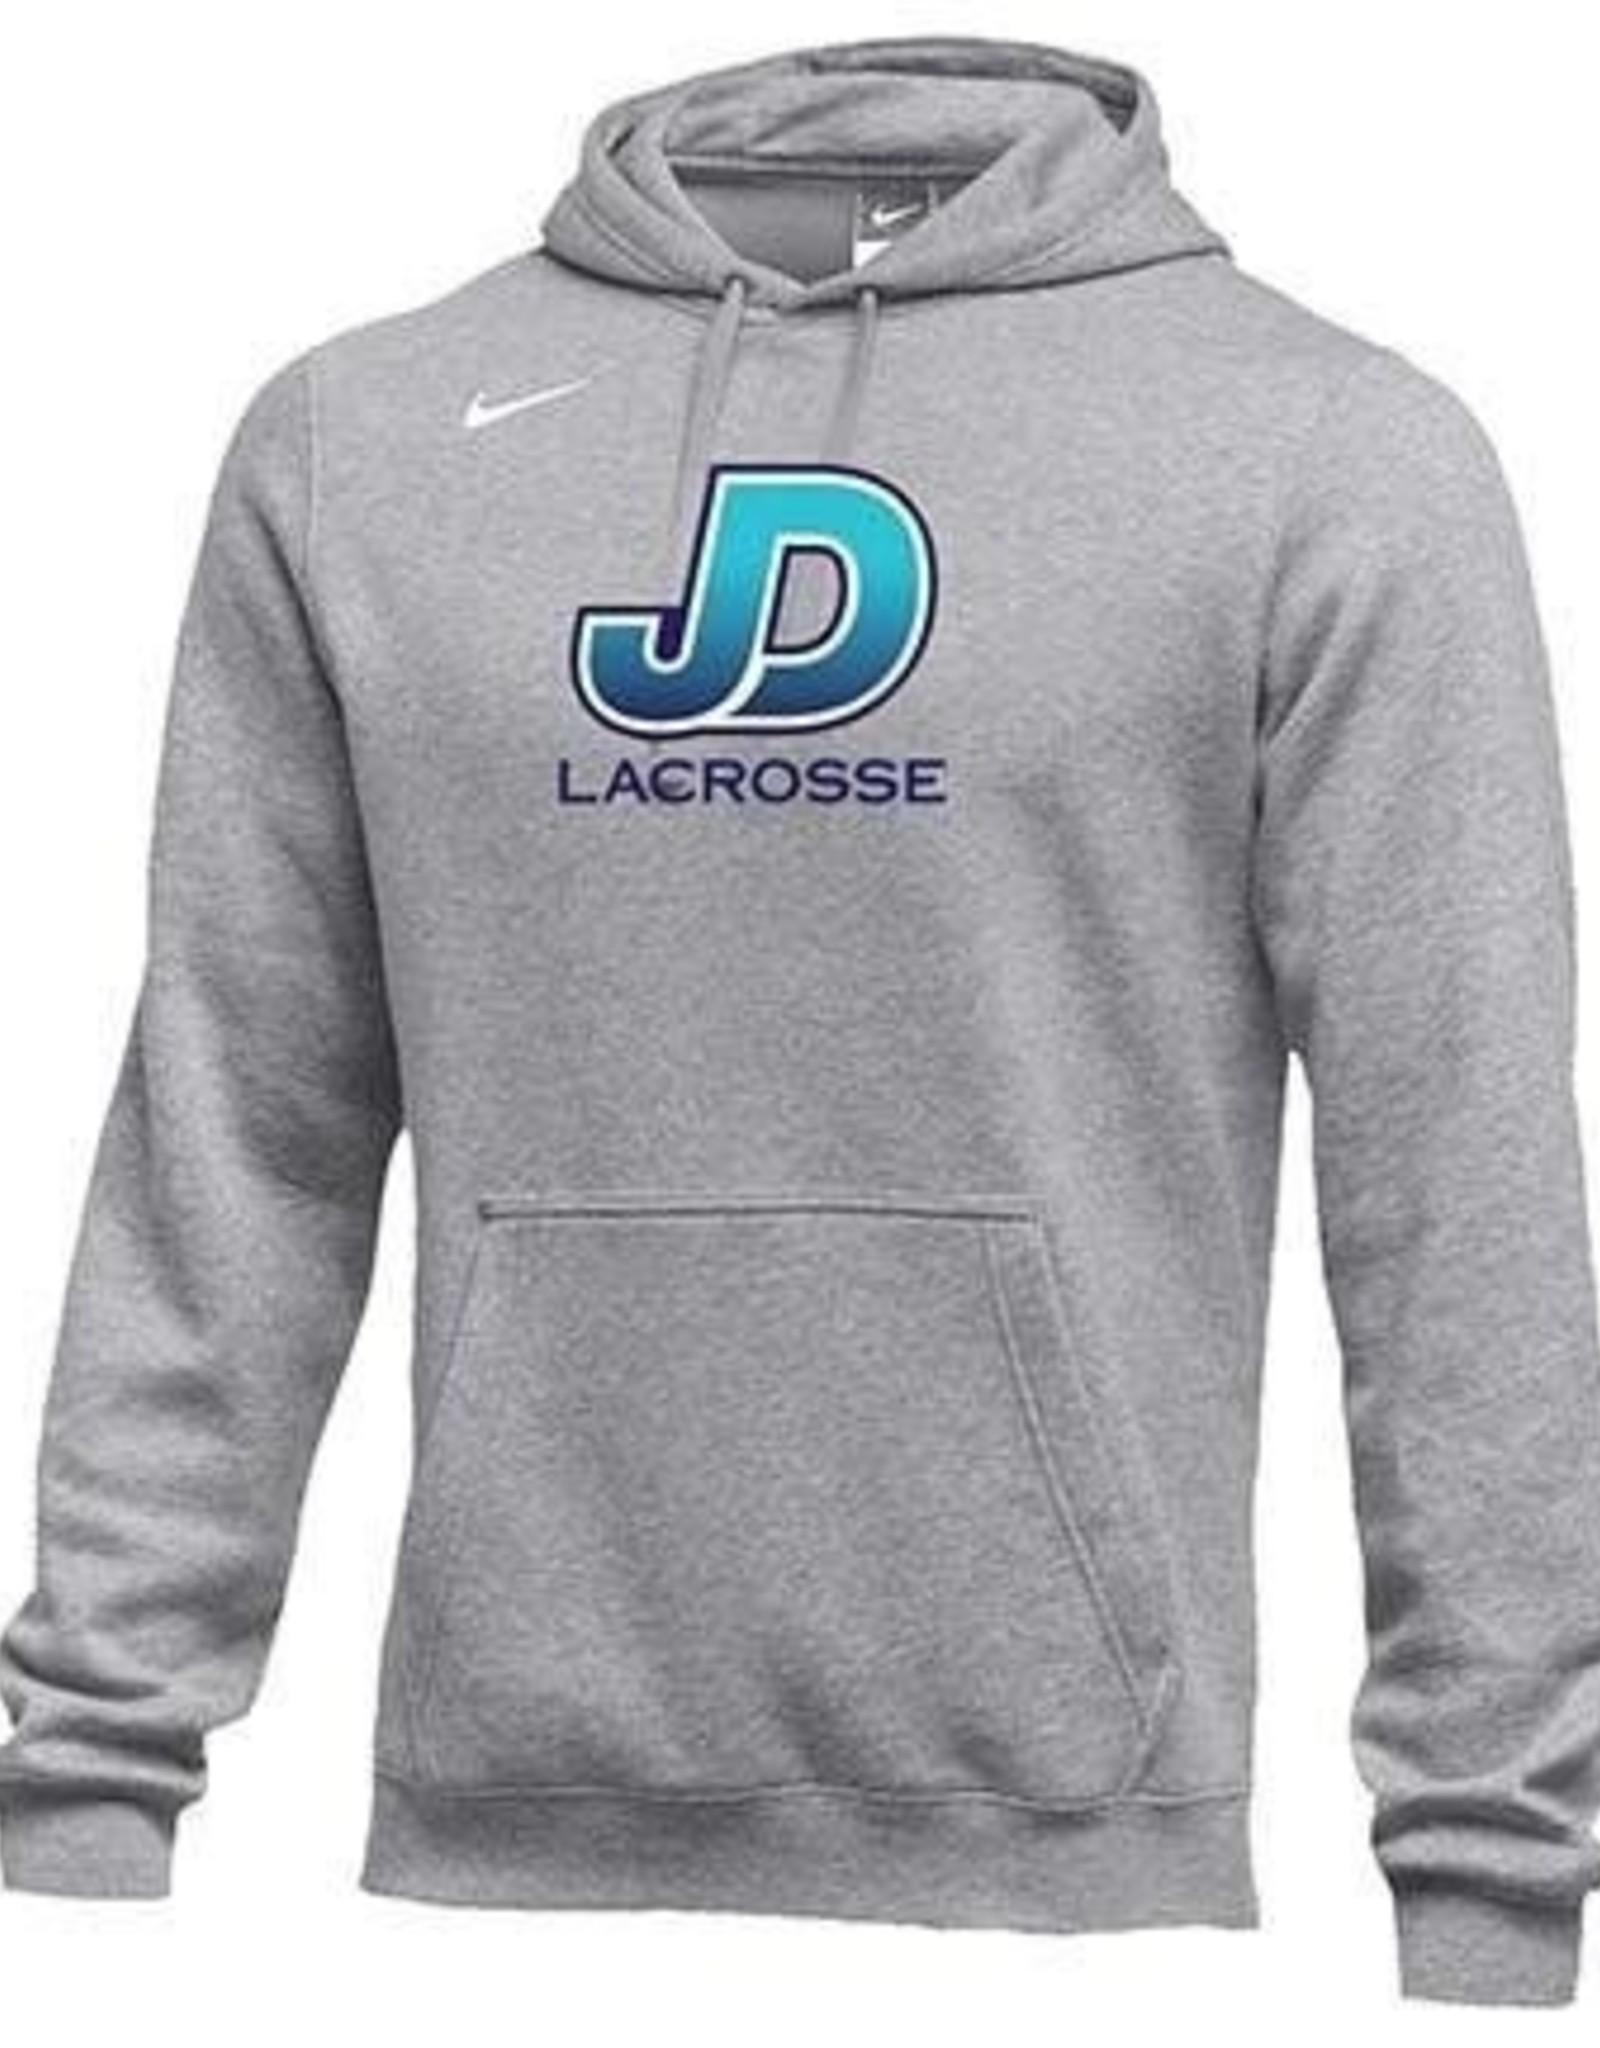 NON-UNIFORM Unisex Nike Lacrosse Sweatshirt in Grey